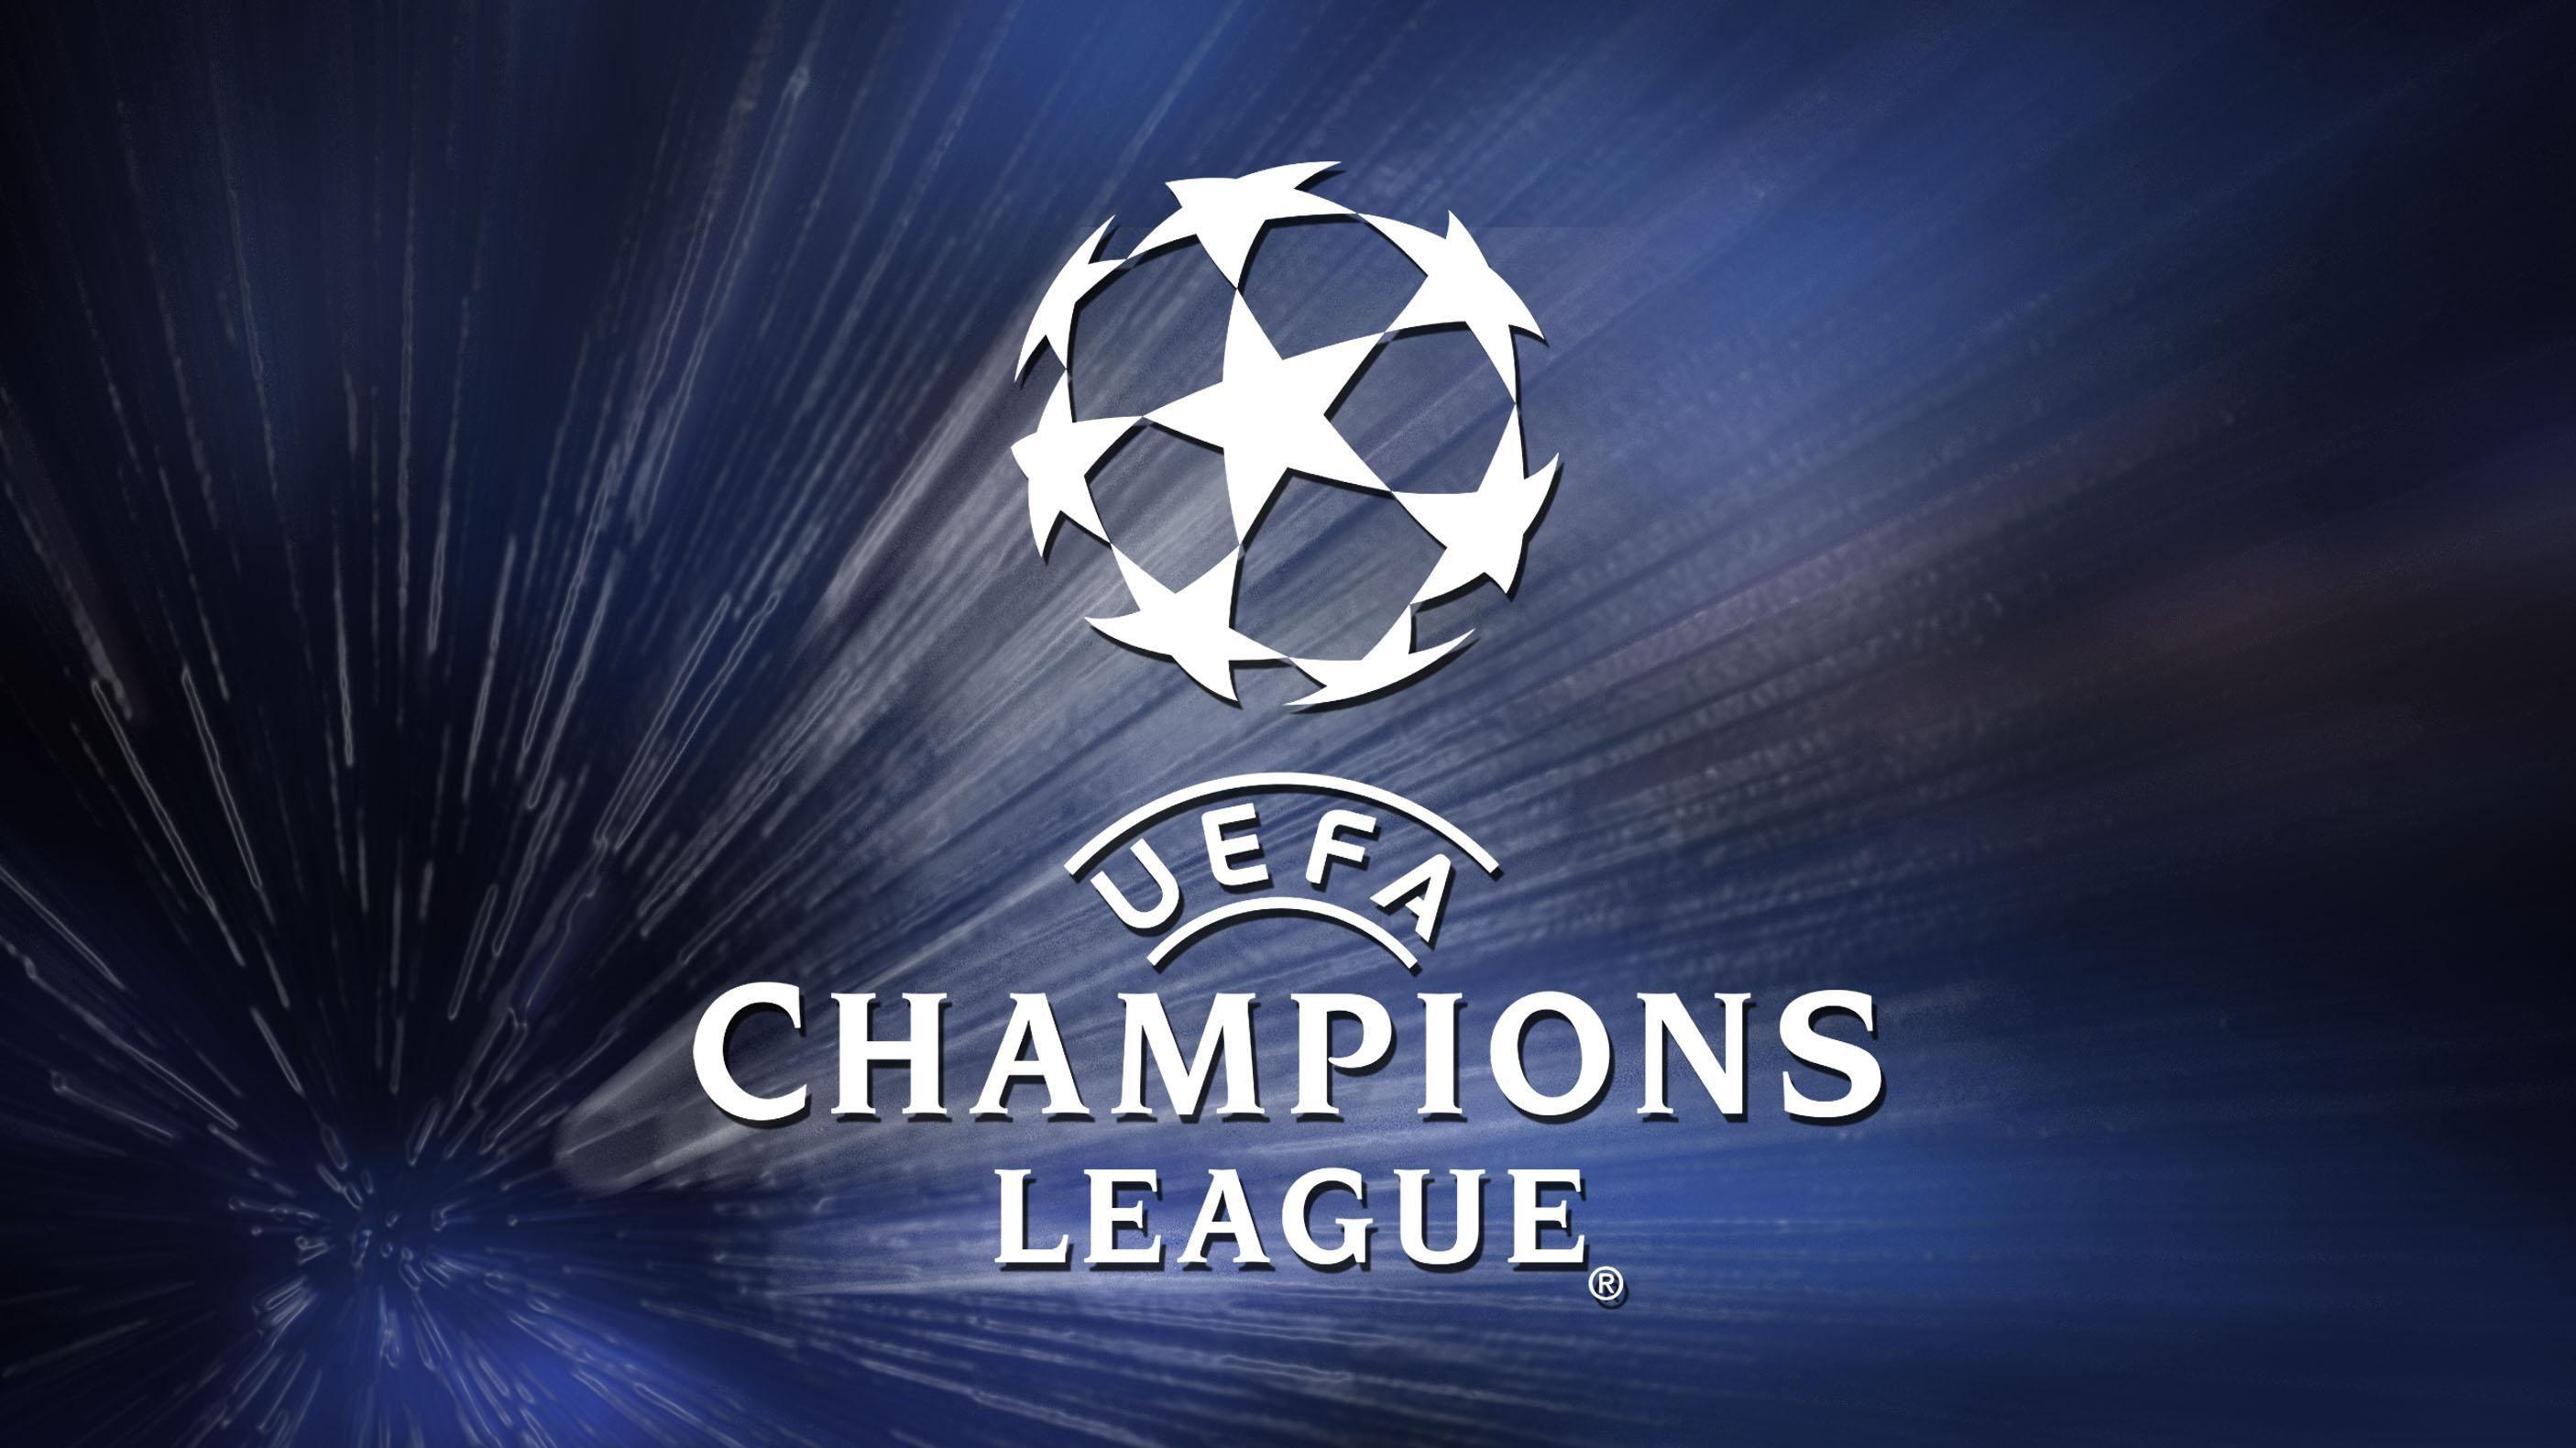 Avrupa Futbolunun Kulup Duzeyindeki En Onemli Organizasyonunda 3 On Eleme Turu Ilk Maclari 25 Temmuz Sali Ve 26 Temmuz Carsamba Gunu Yap Finaller Graz Celtic